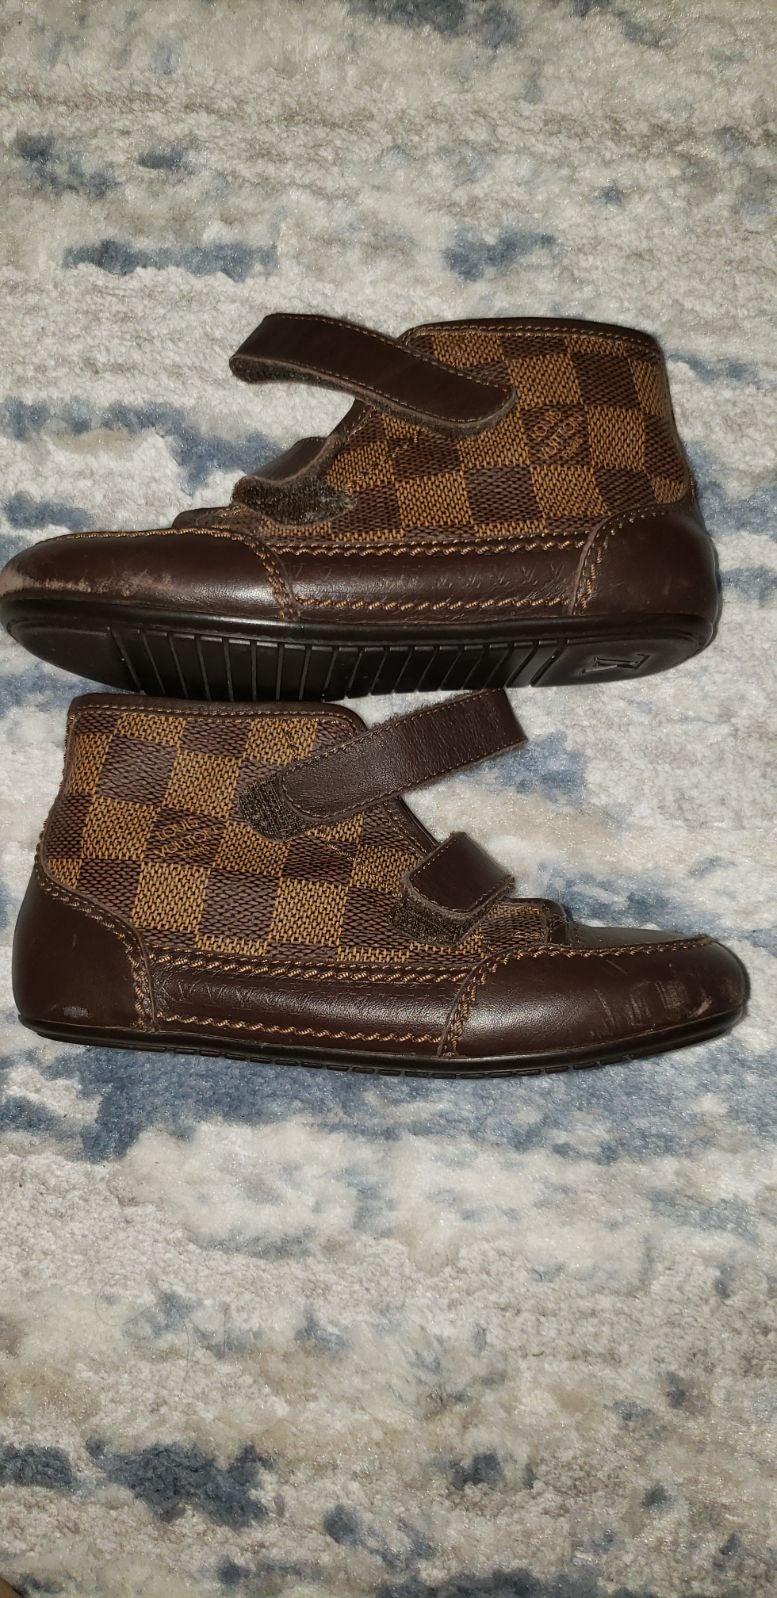 Louis Vuitton Shoes for Boys 2T-5T